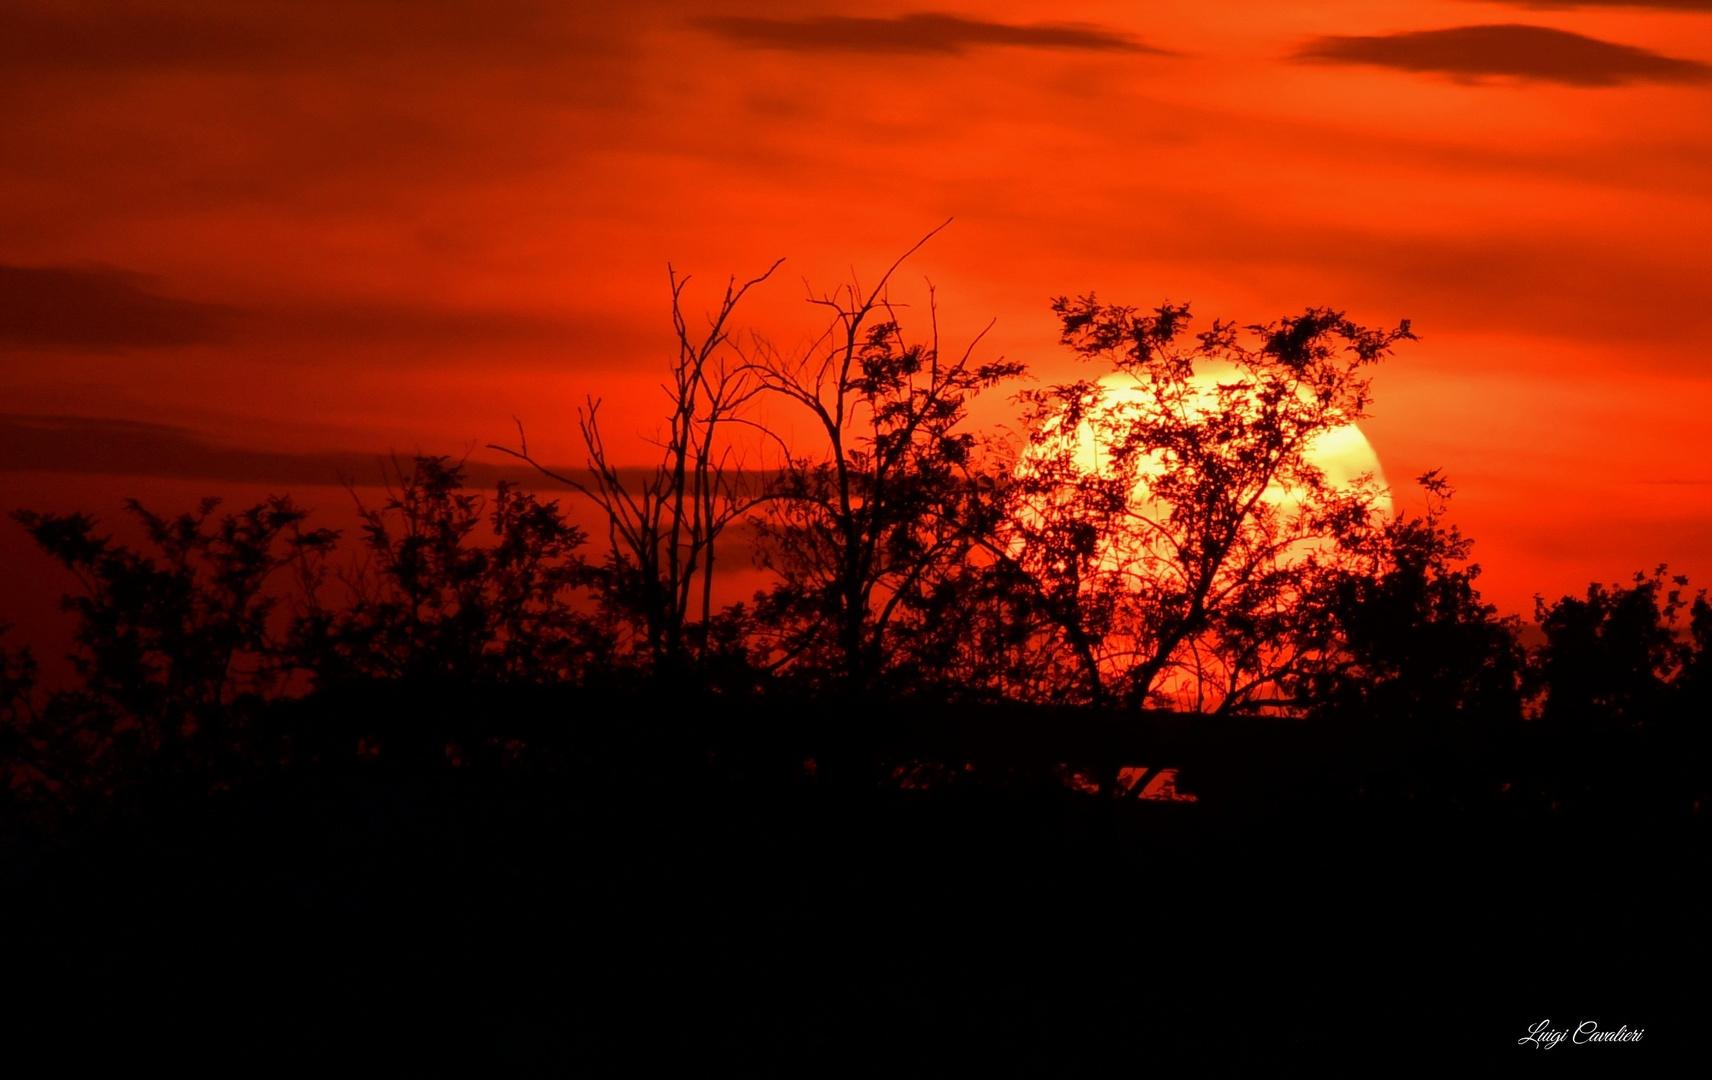 Ogni tramonto è una promessa dell'alba che verrà...